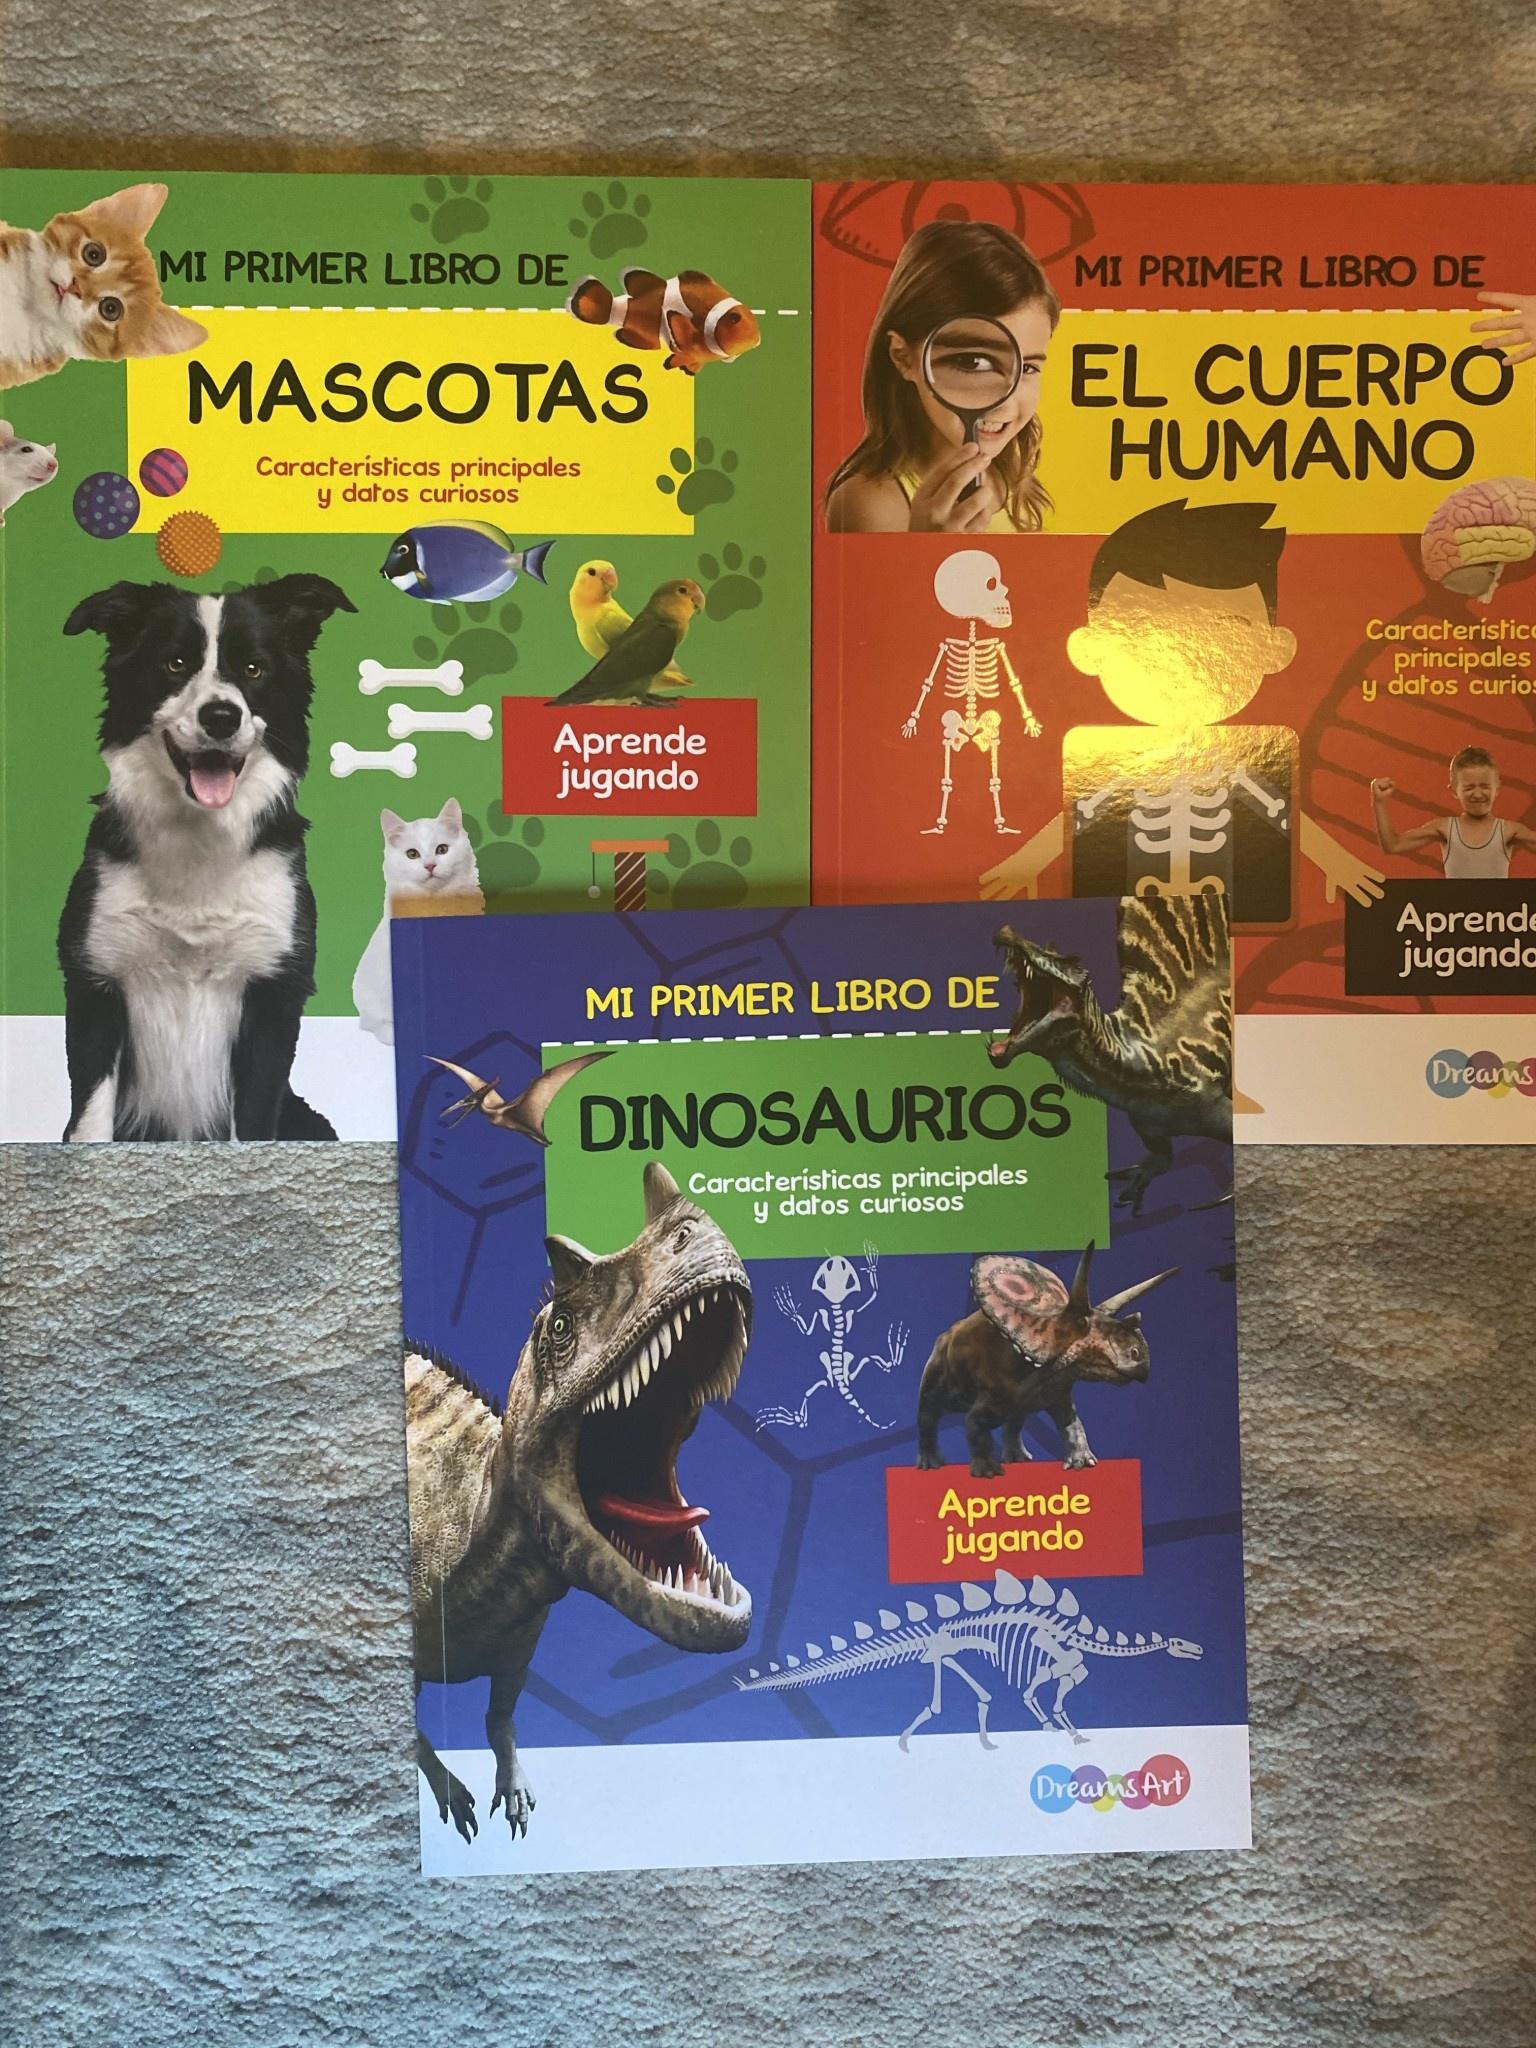 Mi primer libro de...(4 books)